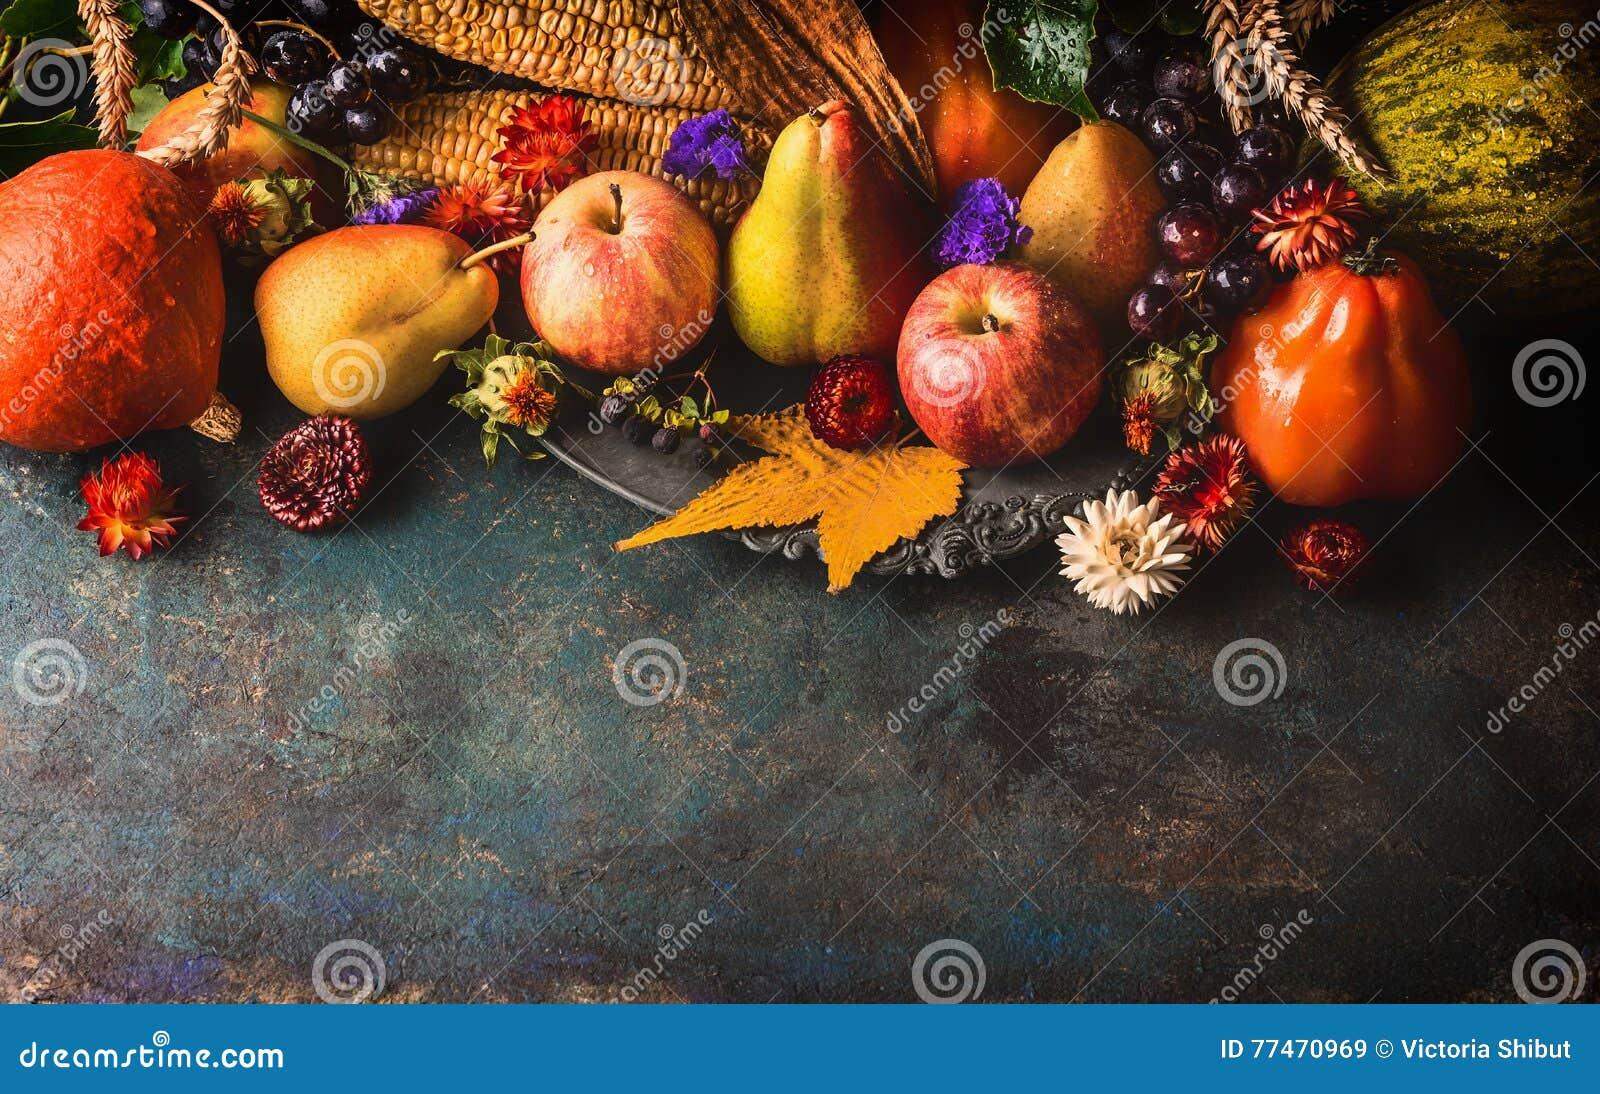 秋天水果和蔬菜在黑暗的土气木背景,顶视图,边界